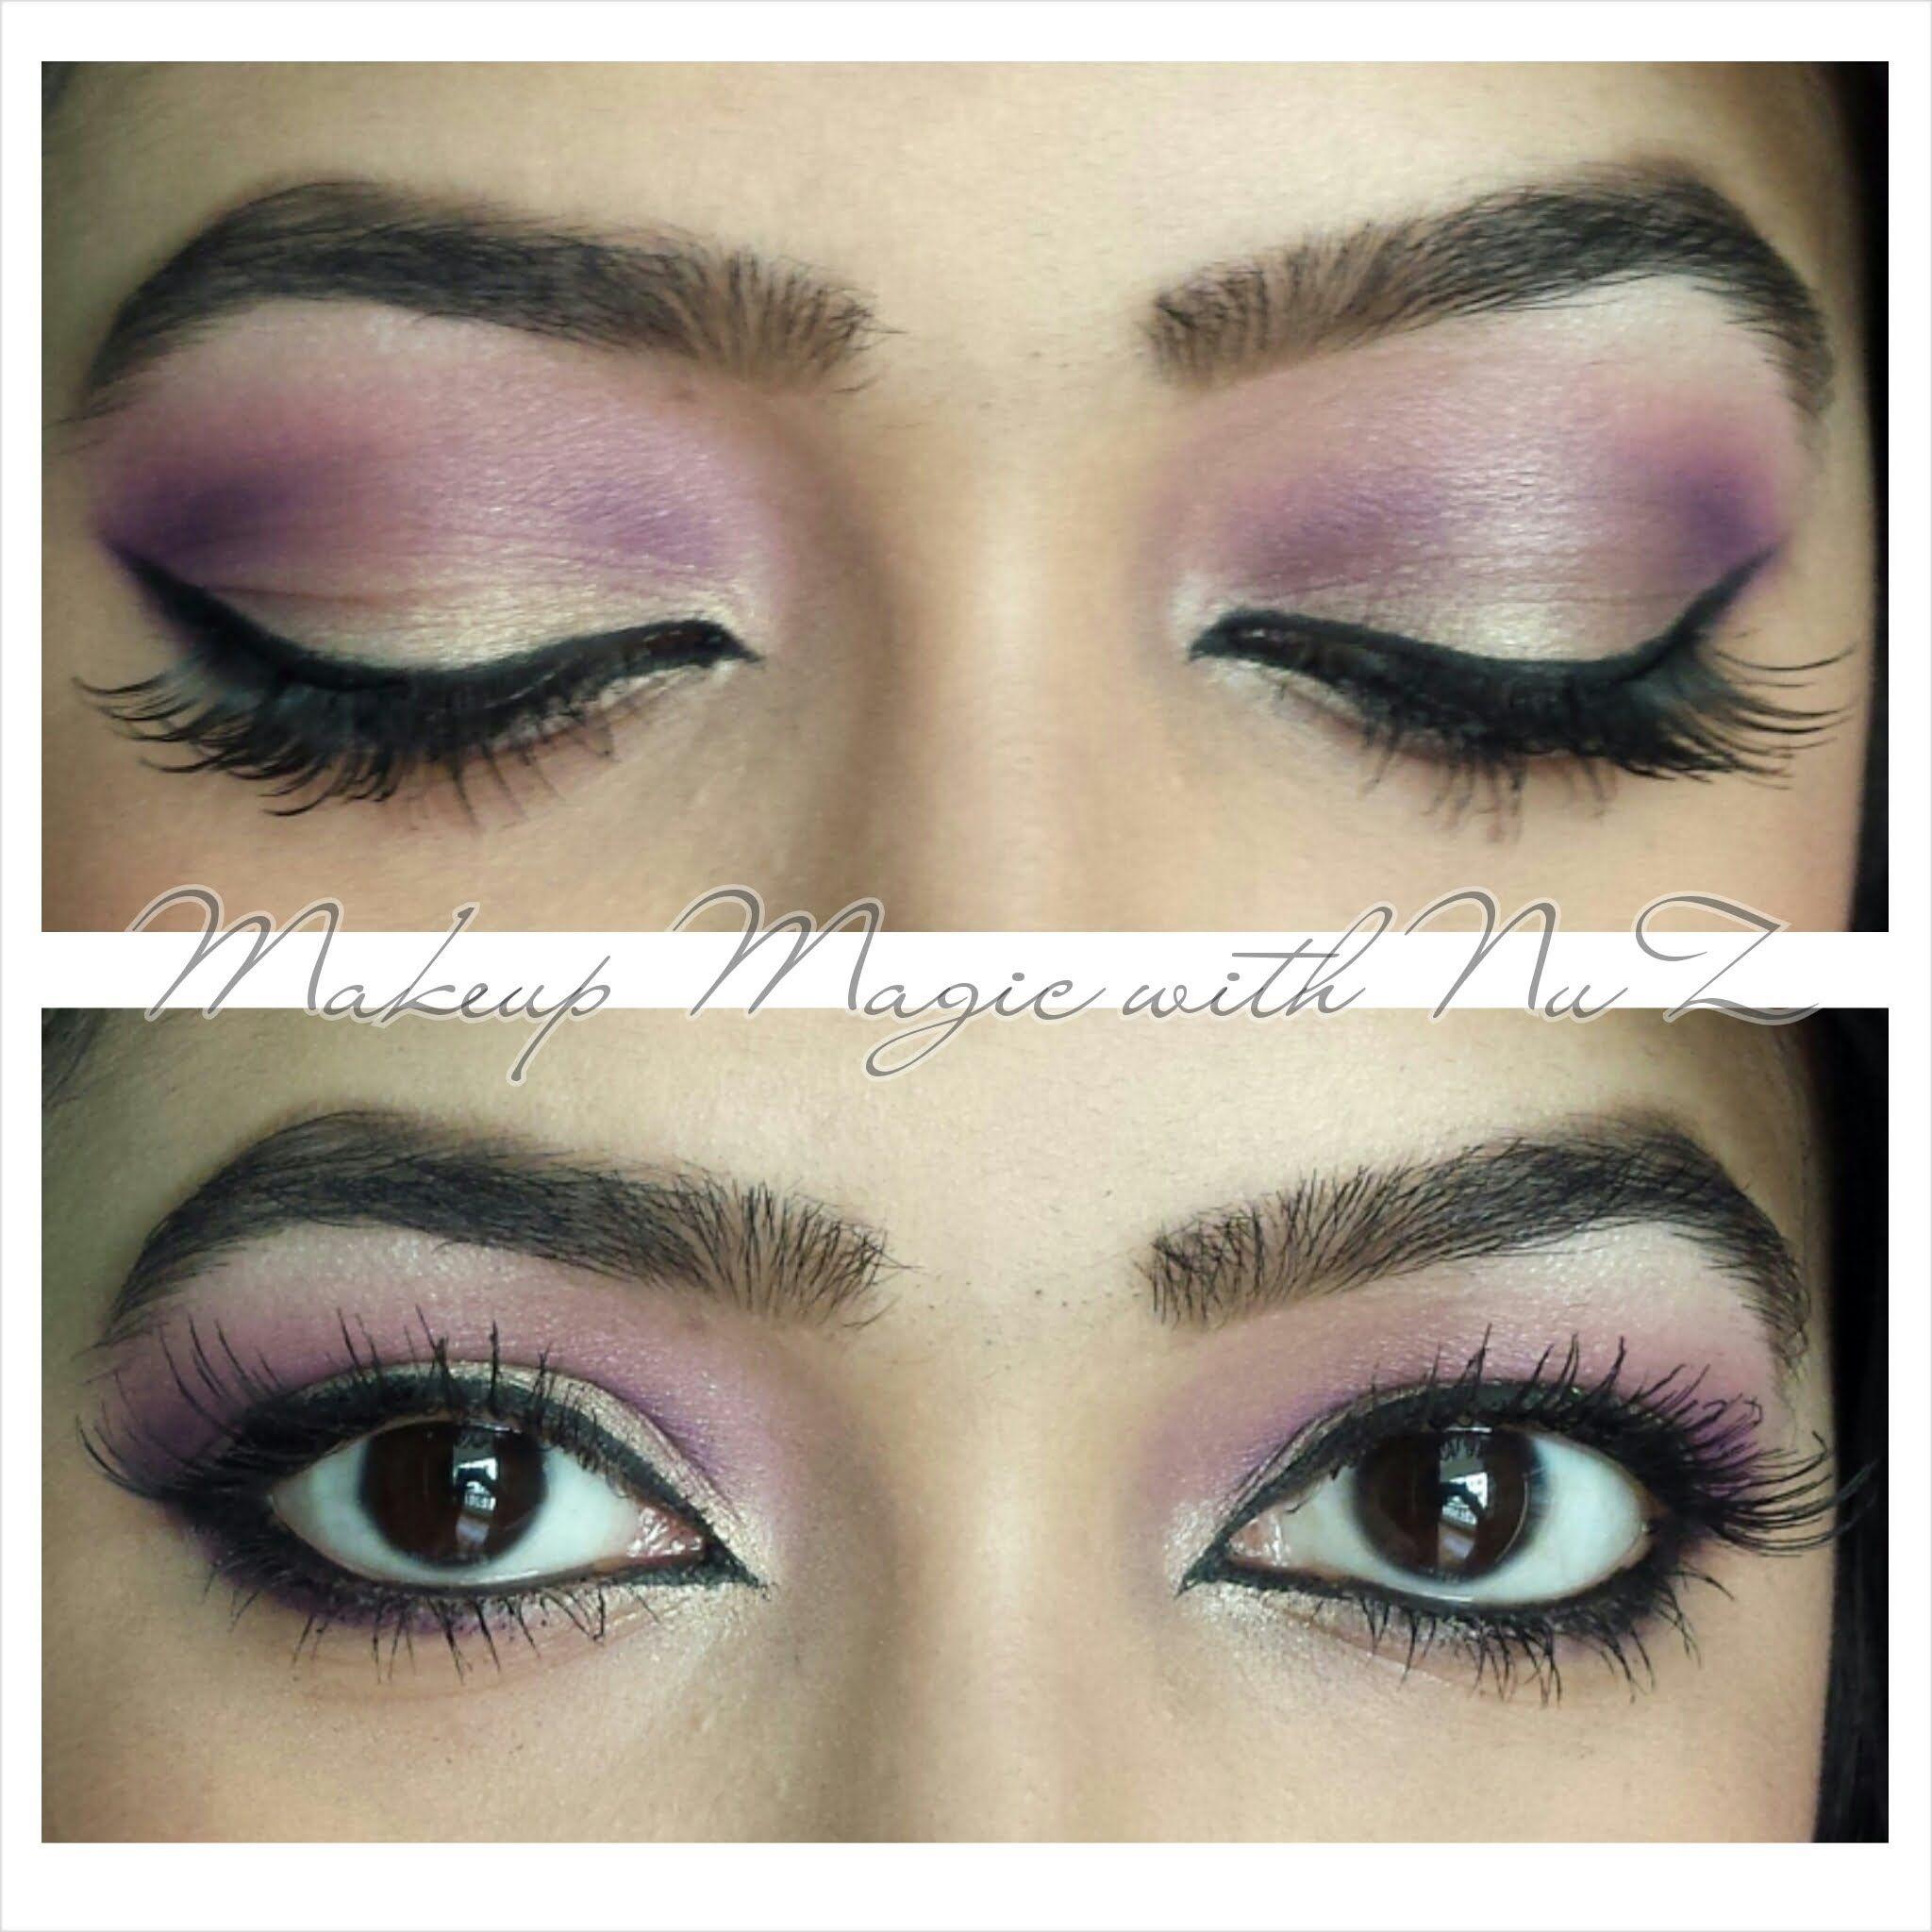 Pinkpurple gold eye makeup tutorial beauty tips pinterest pinkpurple gold eye makeup tutorial baditri Images